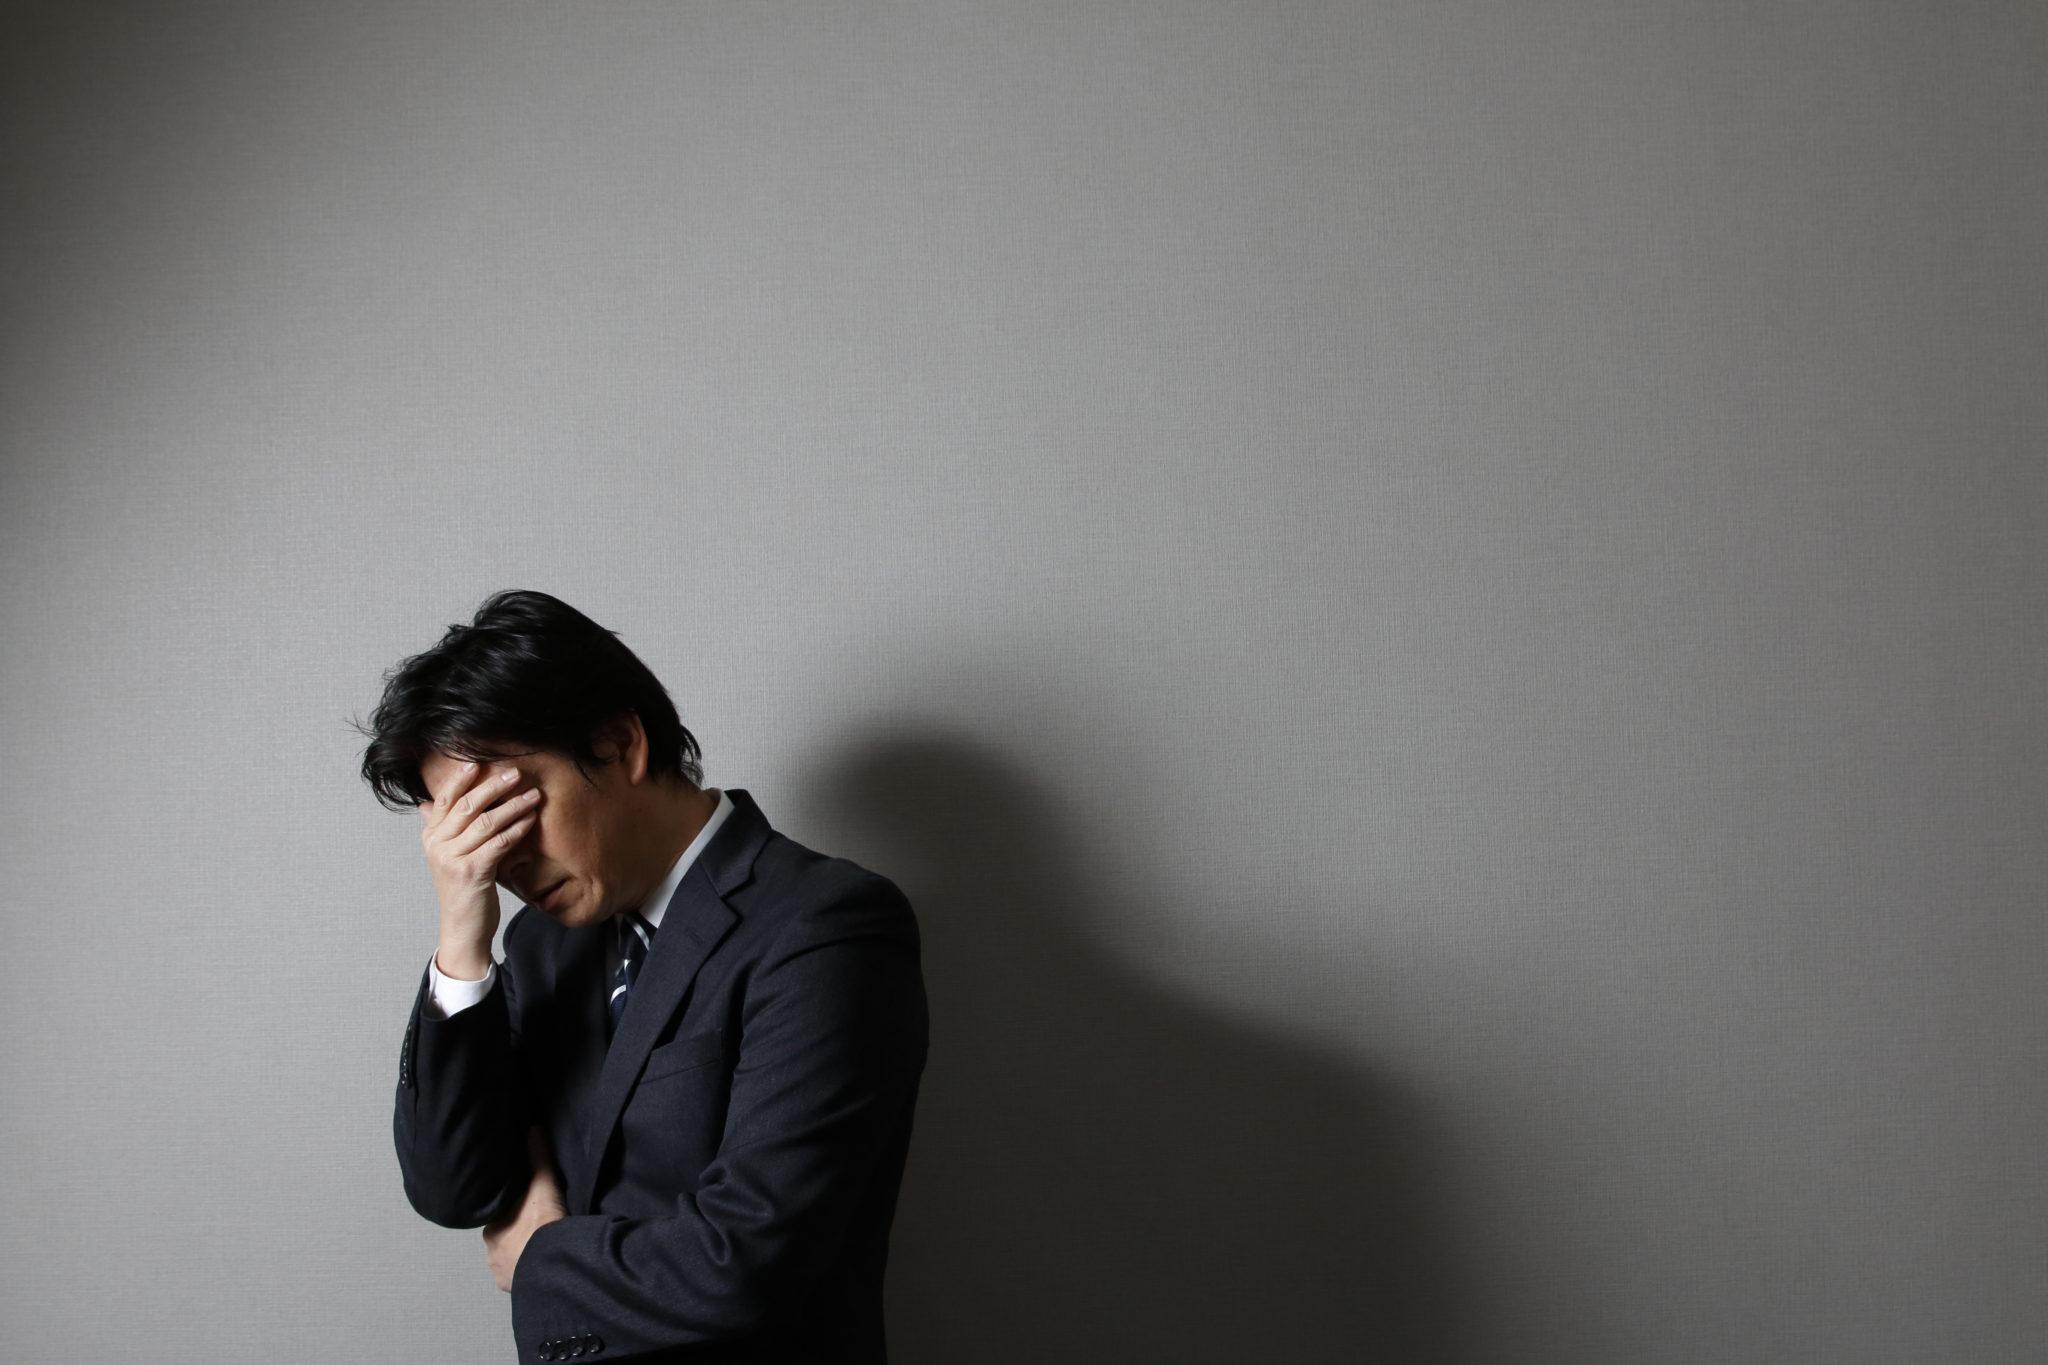 会社を辞めたいときの相談相手と相談しても変わらない場合にすべきこと